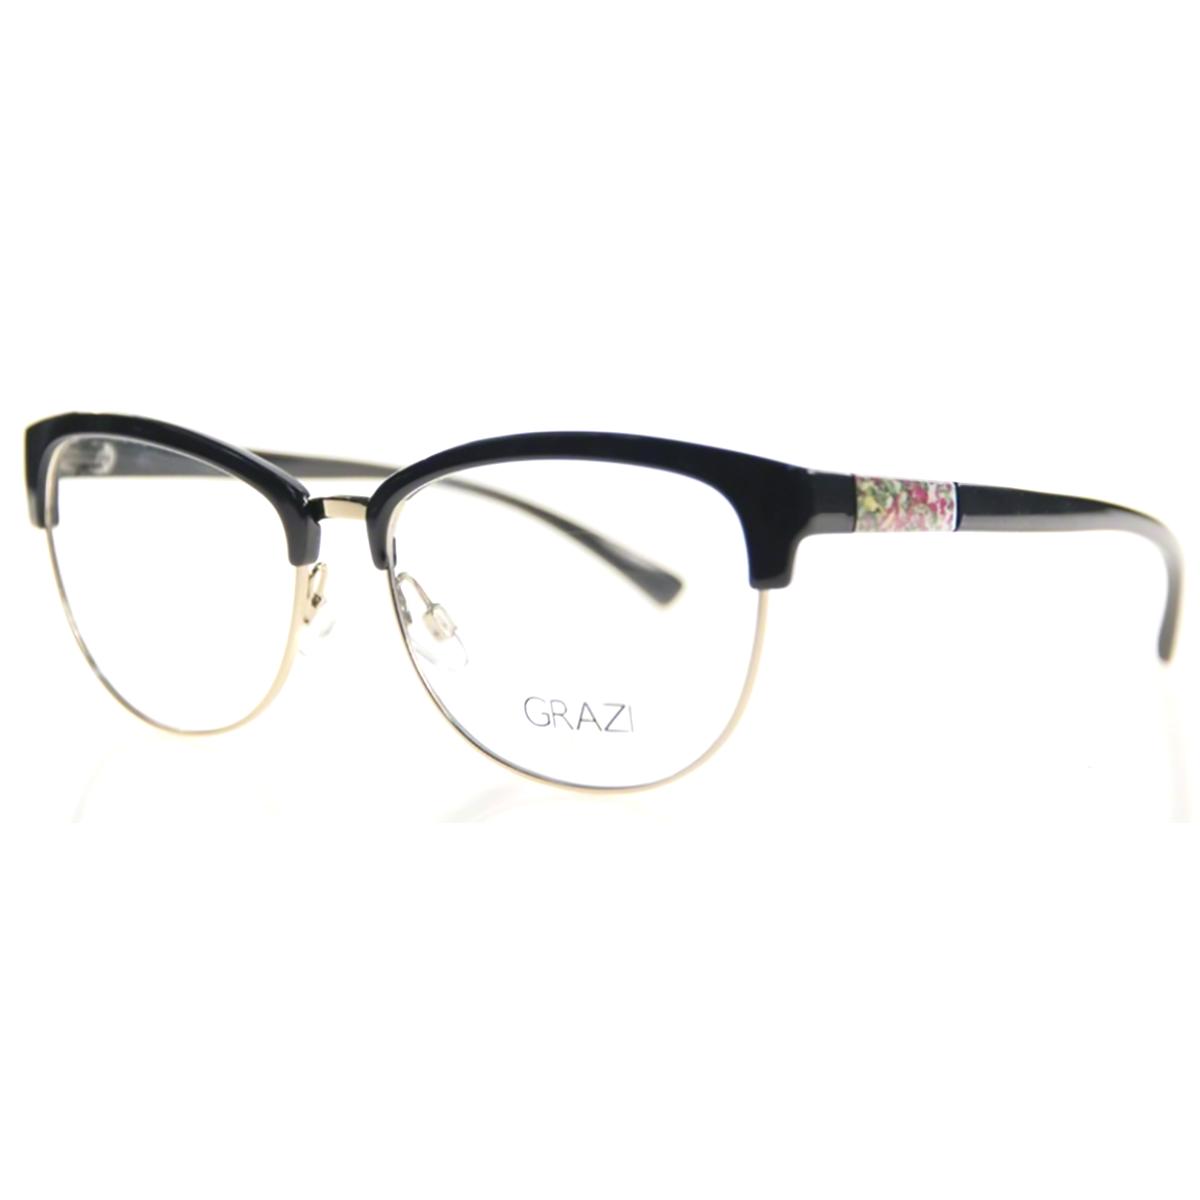 Compre Óculos de Grau Grazi Massafera em 10X   Tri-Jóia Shop 58a3861c82